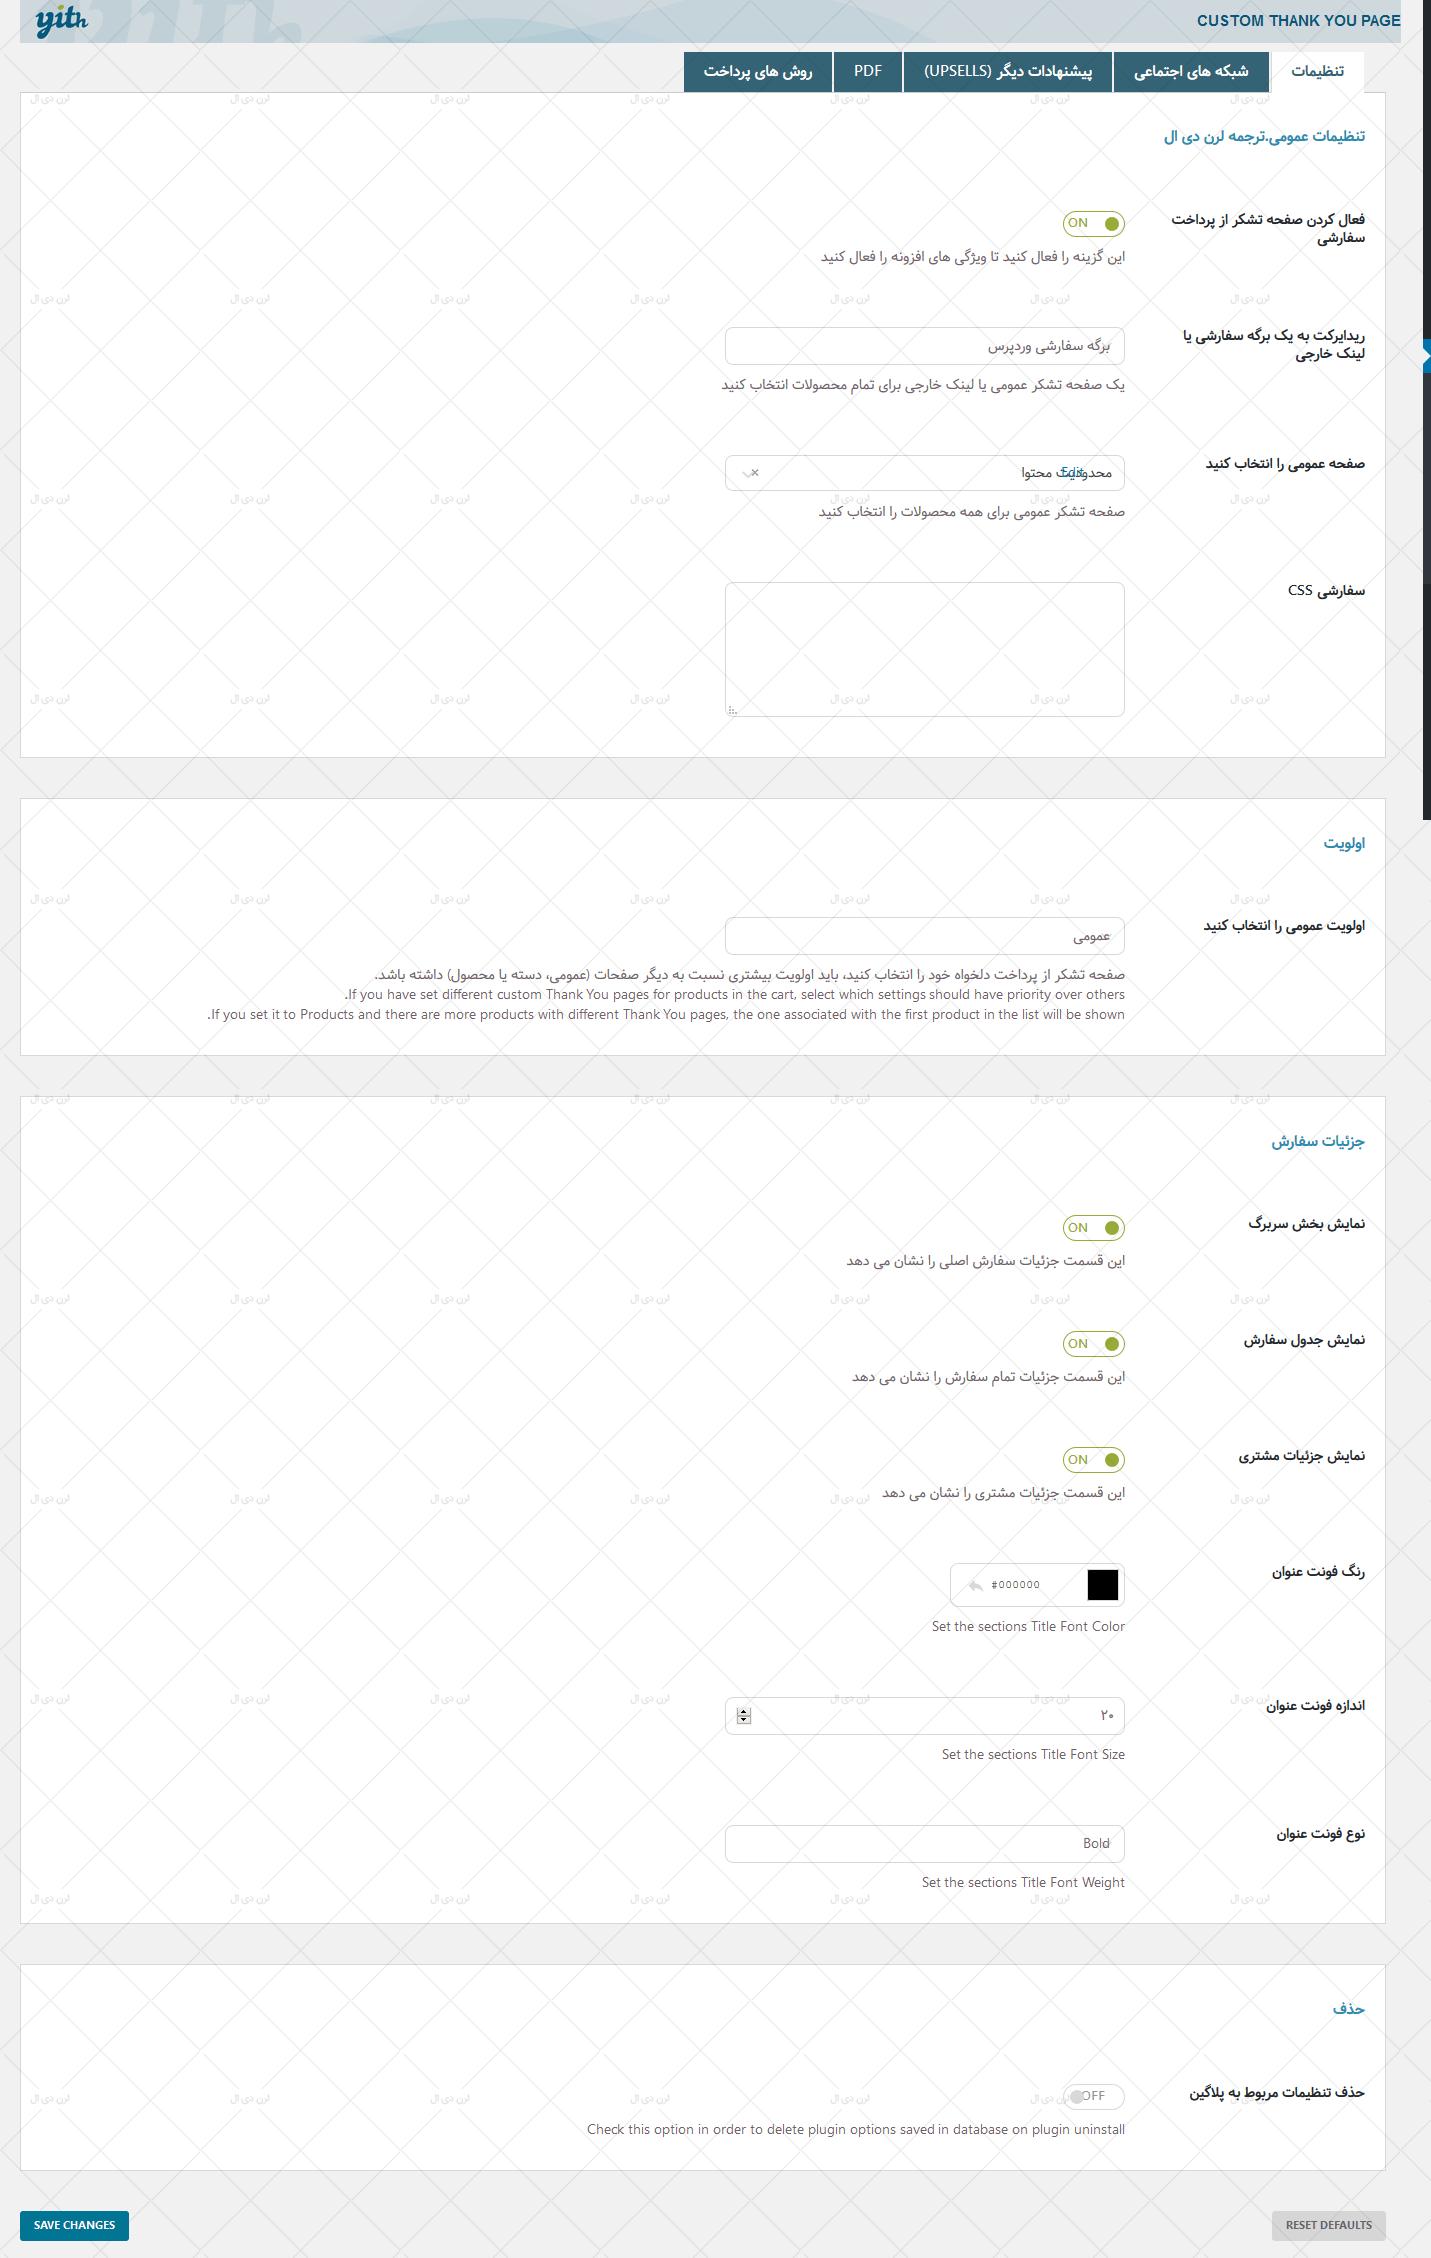 بخش تنظیمات افزونه YITH Custom ThankYou Page Premium